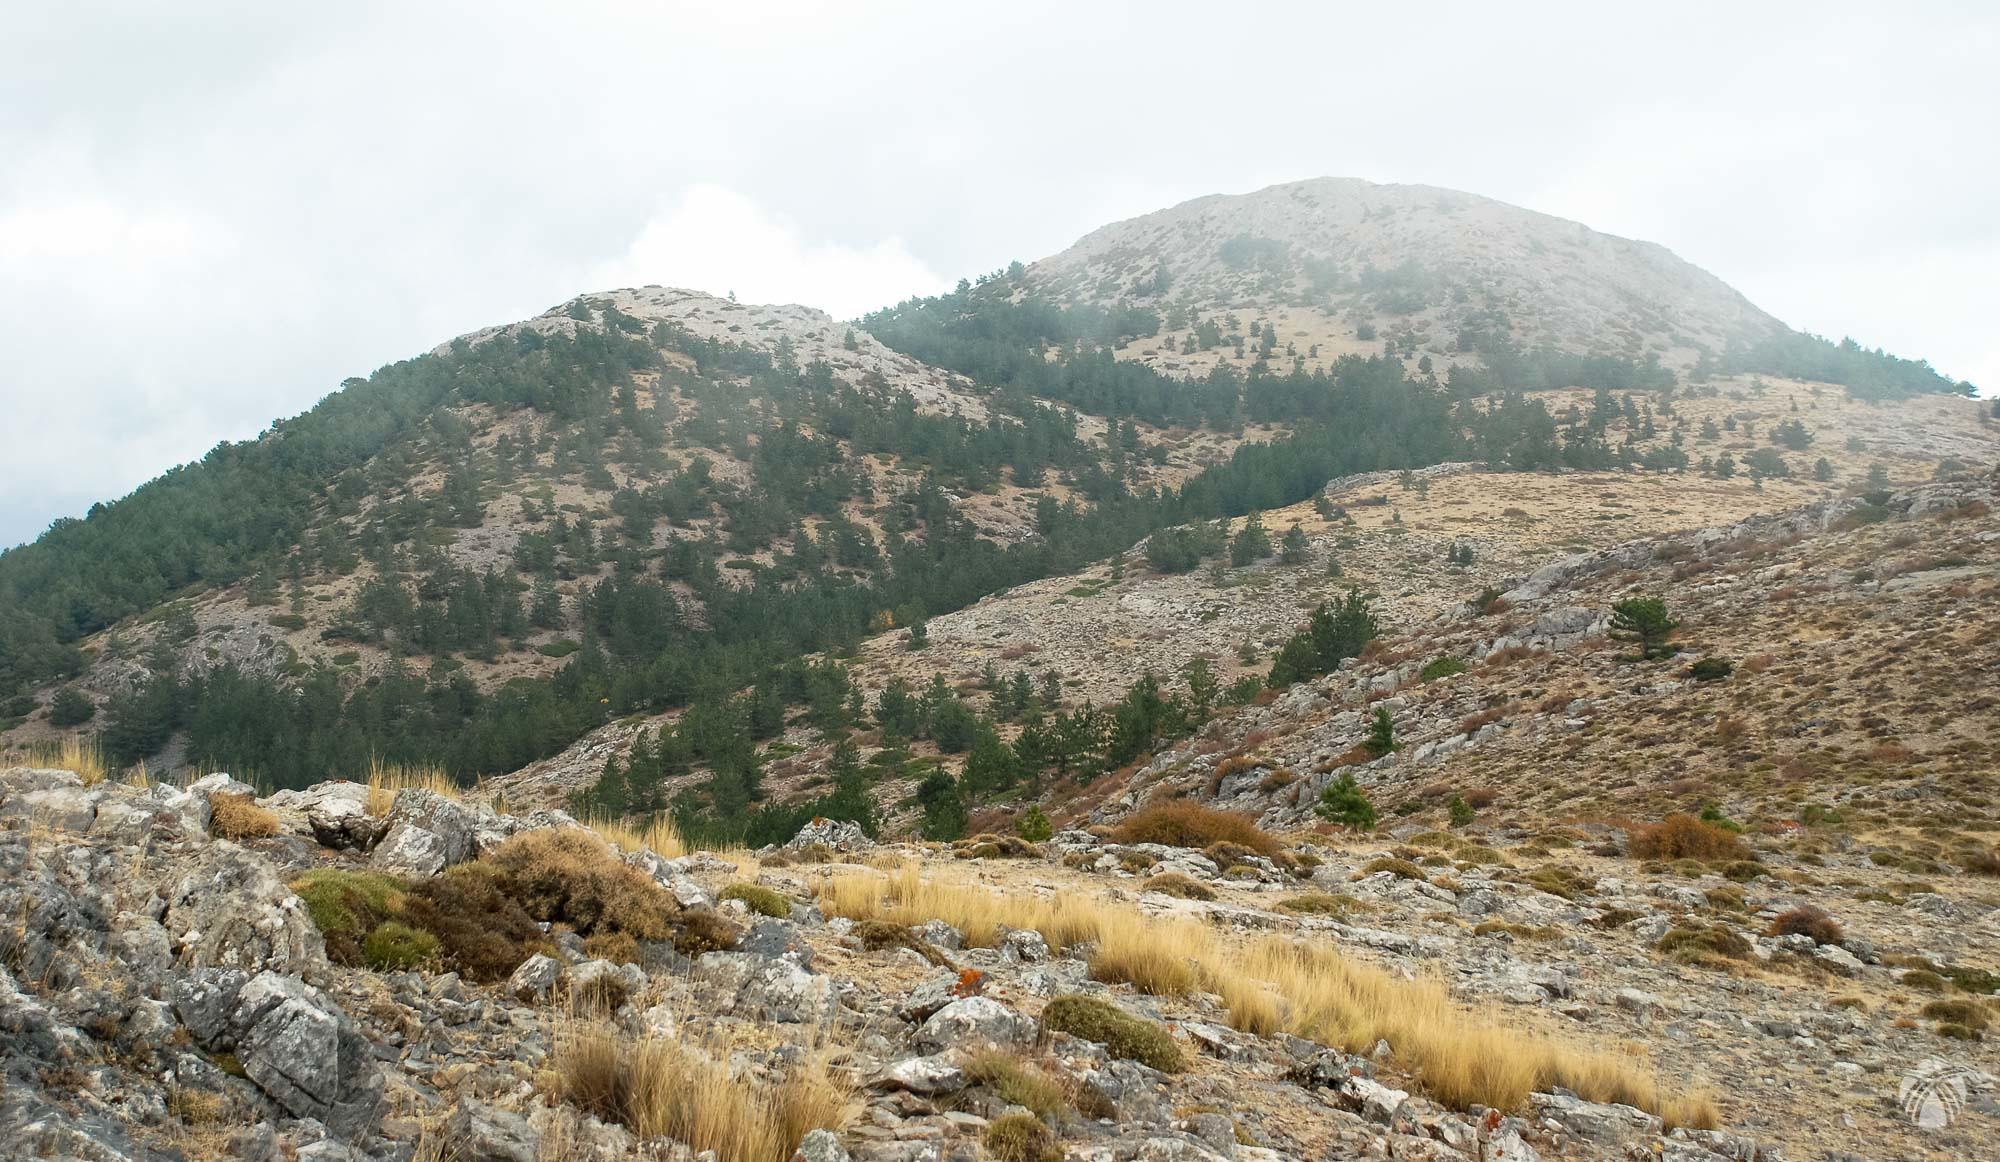 Nada más comenzar el descenso la cumbre del Picón de Gor desaparece entre las nubes